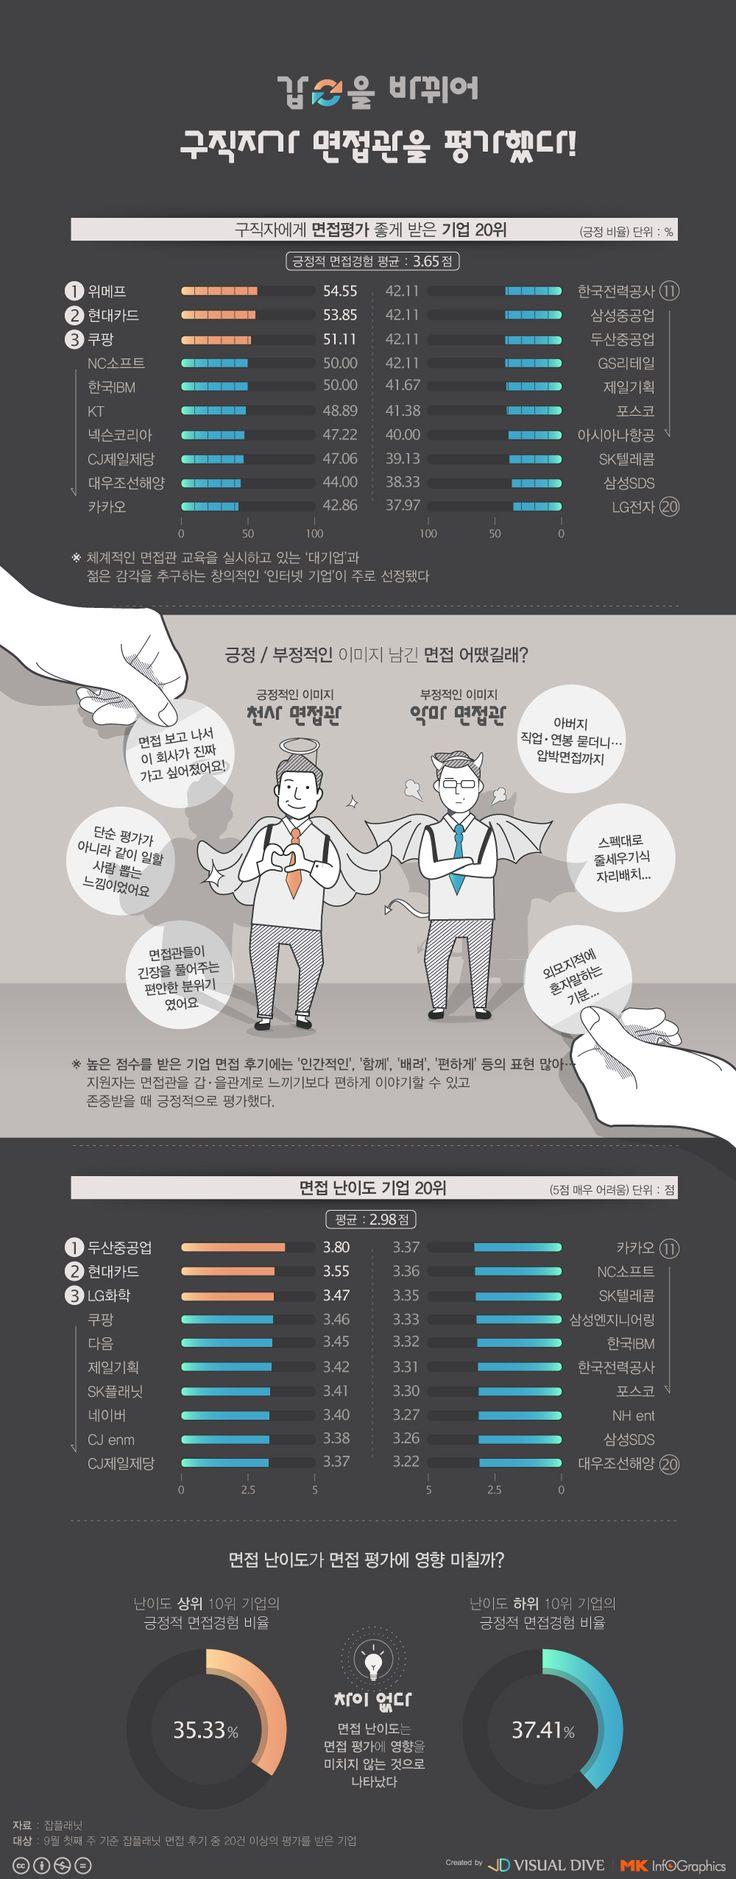 갑(甲)-을(乙) 바뀌었다? '구직자에게 면접평가 좋게 받은 기업 20위' [인포그래픽] #recruiter / #Infographic ⓒ 비주얼다이브 무단 복사·전재·재배포 금지